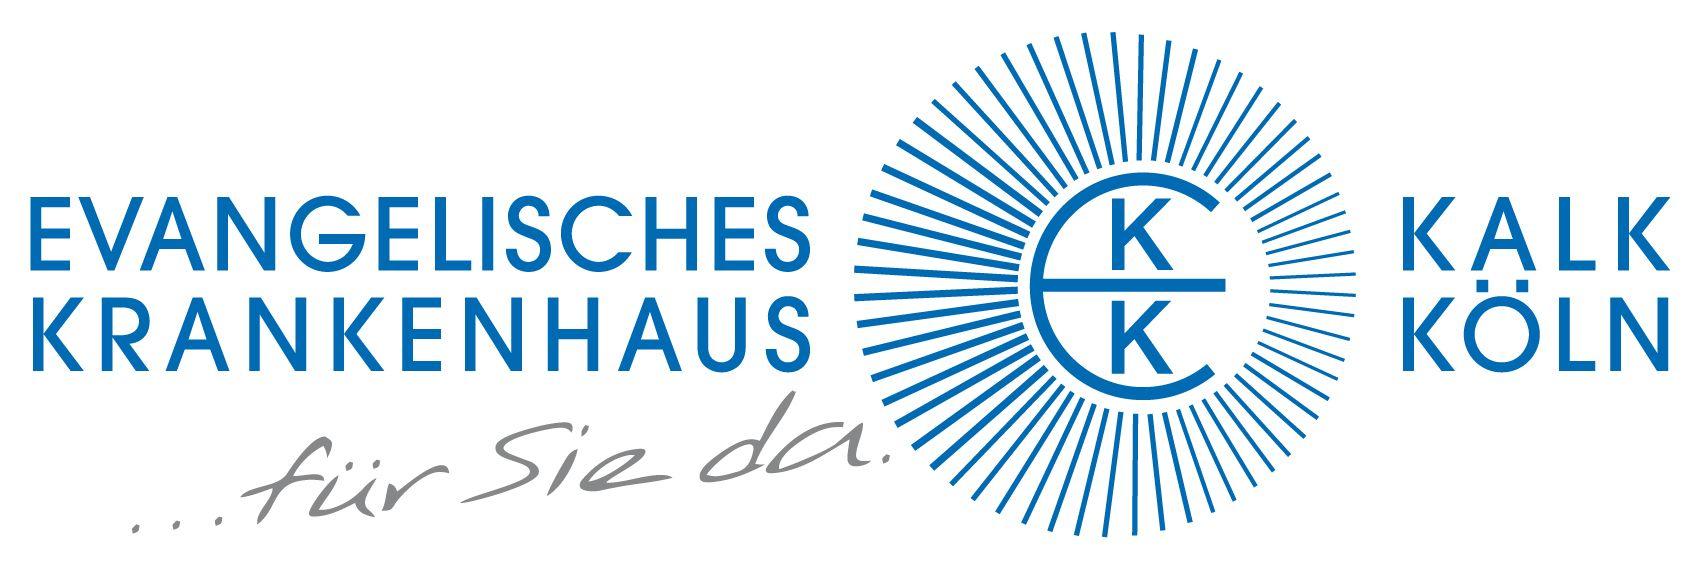 Logo: Evangelisches Krankenhaus Kalk gGmbH